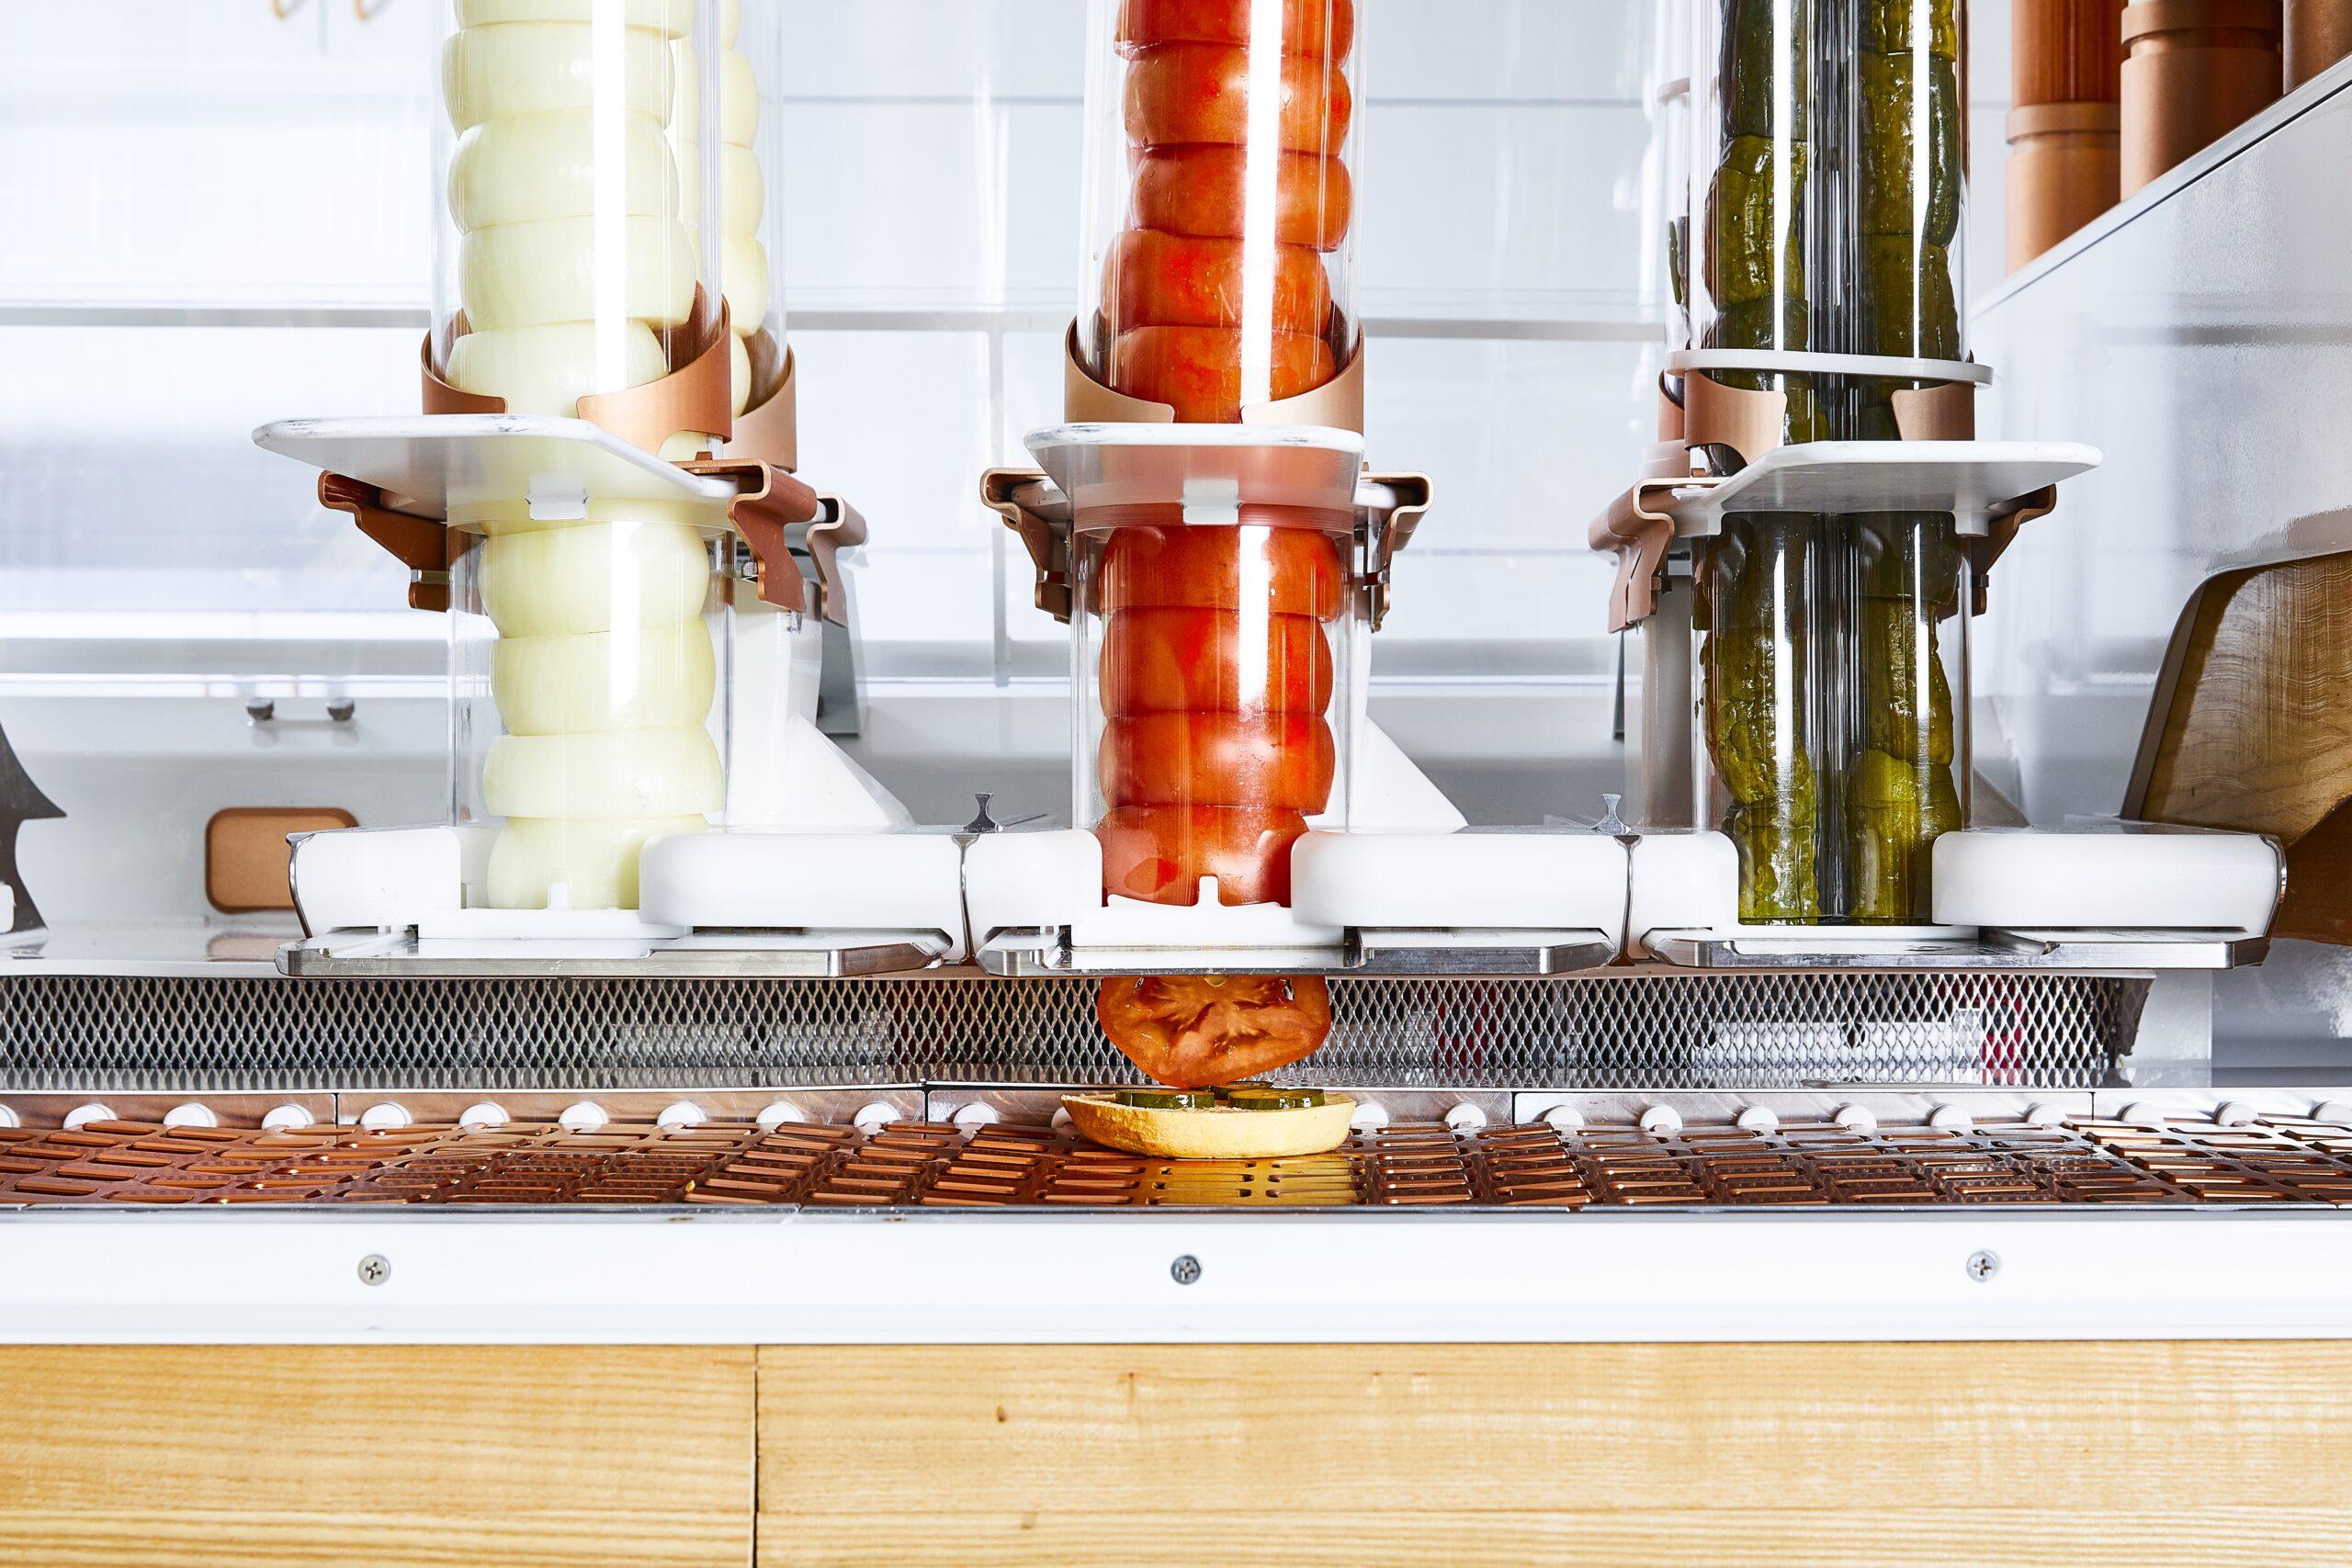 Cuisine robotique Creator